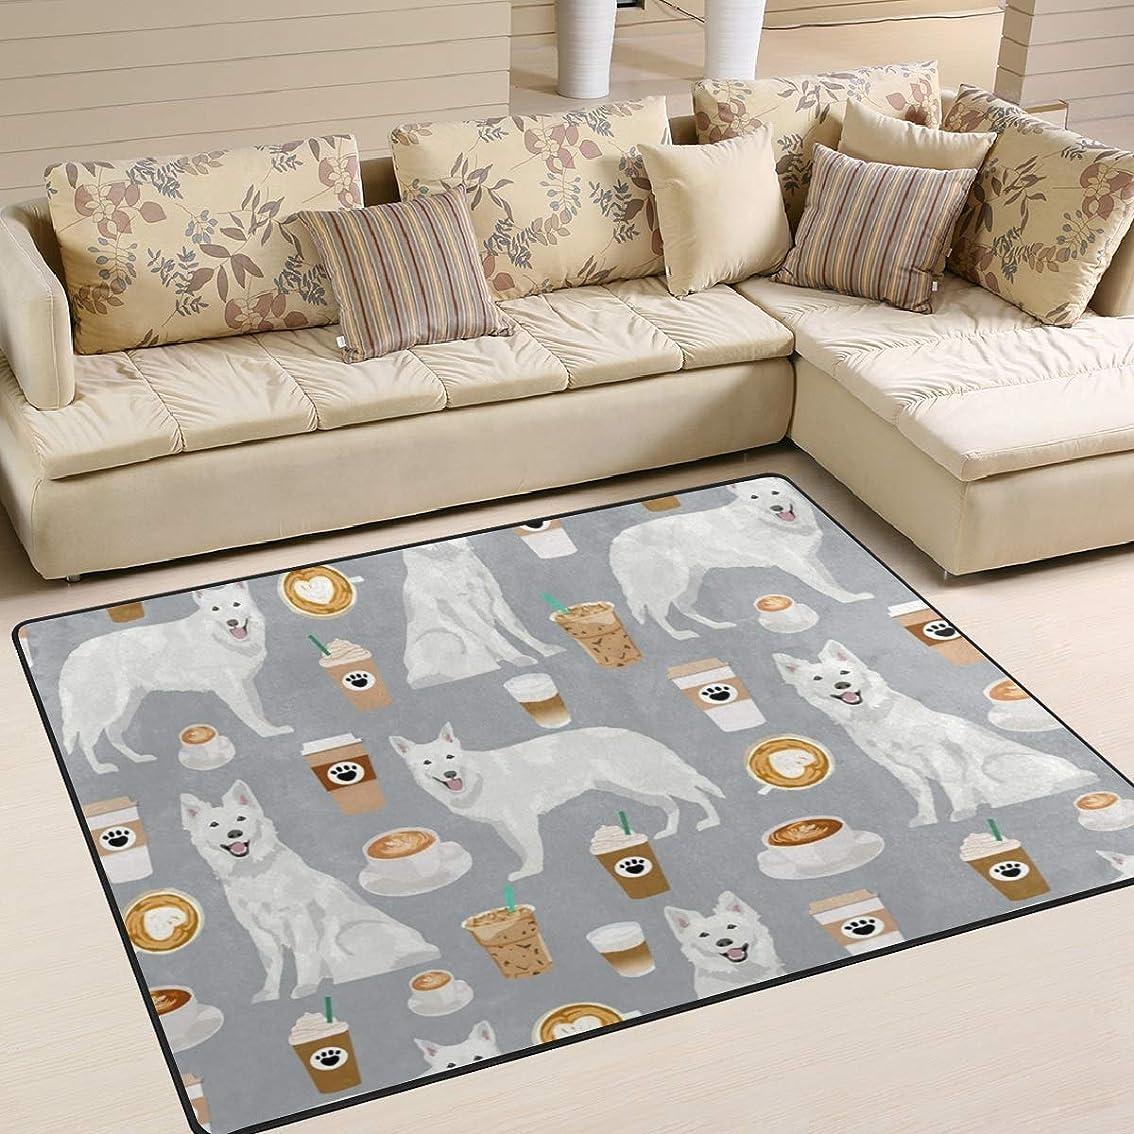 腸地下鉄信頼性のあるラグマット 滑り止め付 ラグカーペット 冬 あったか カーペット洗えるラグ 120×160(ホワイトシェパード 犬の品種 白いシェパード グレー )